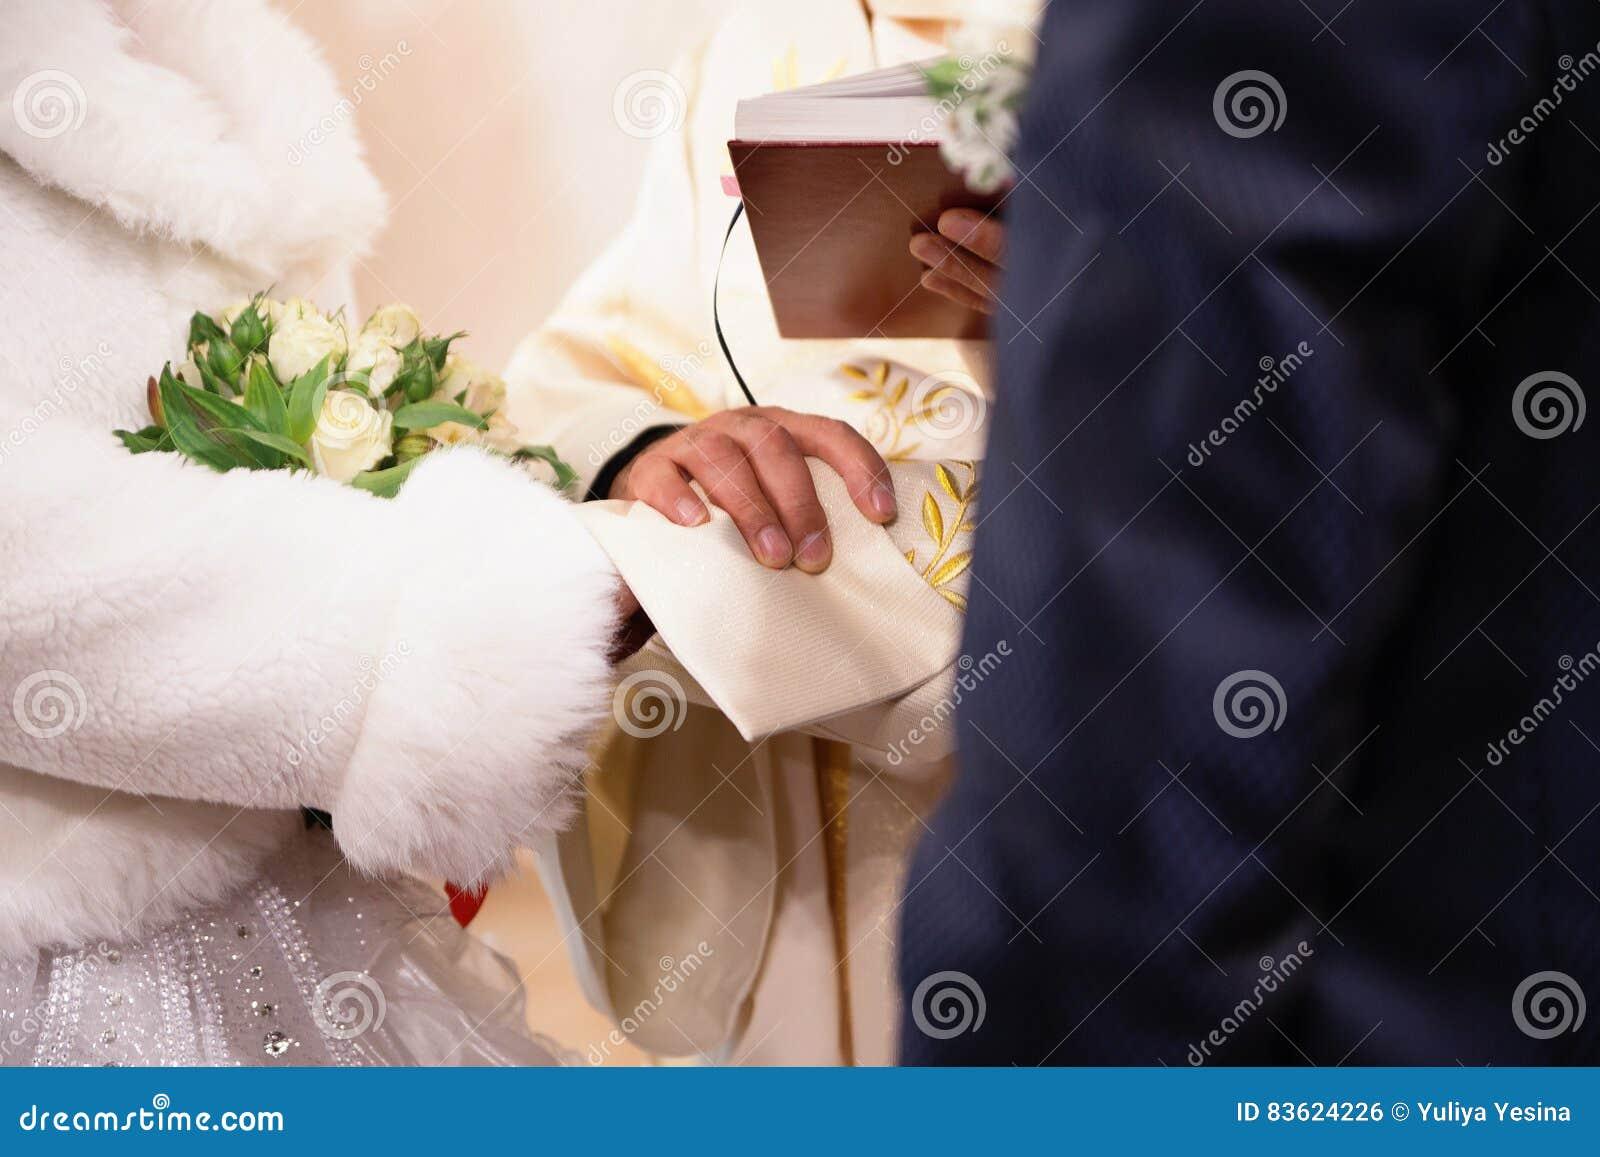 Catholic and christian wedding